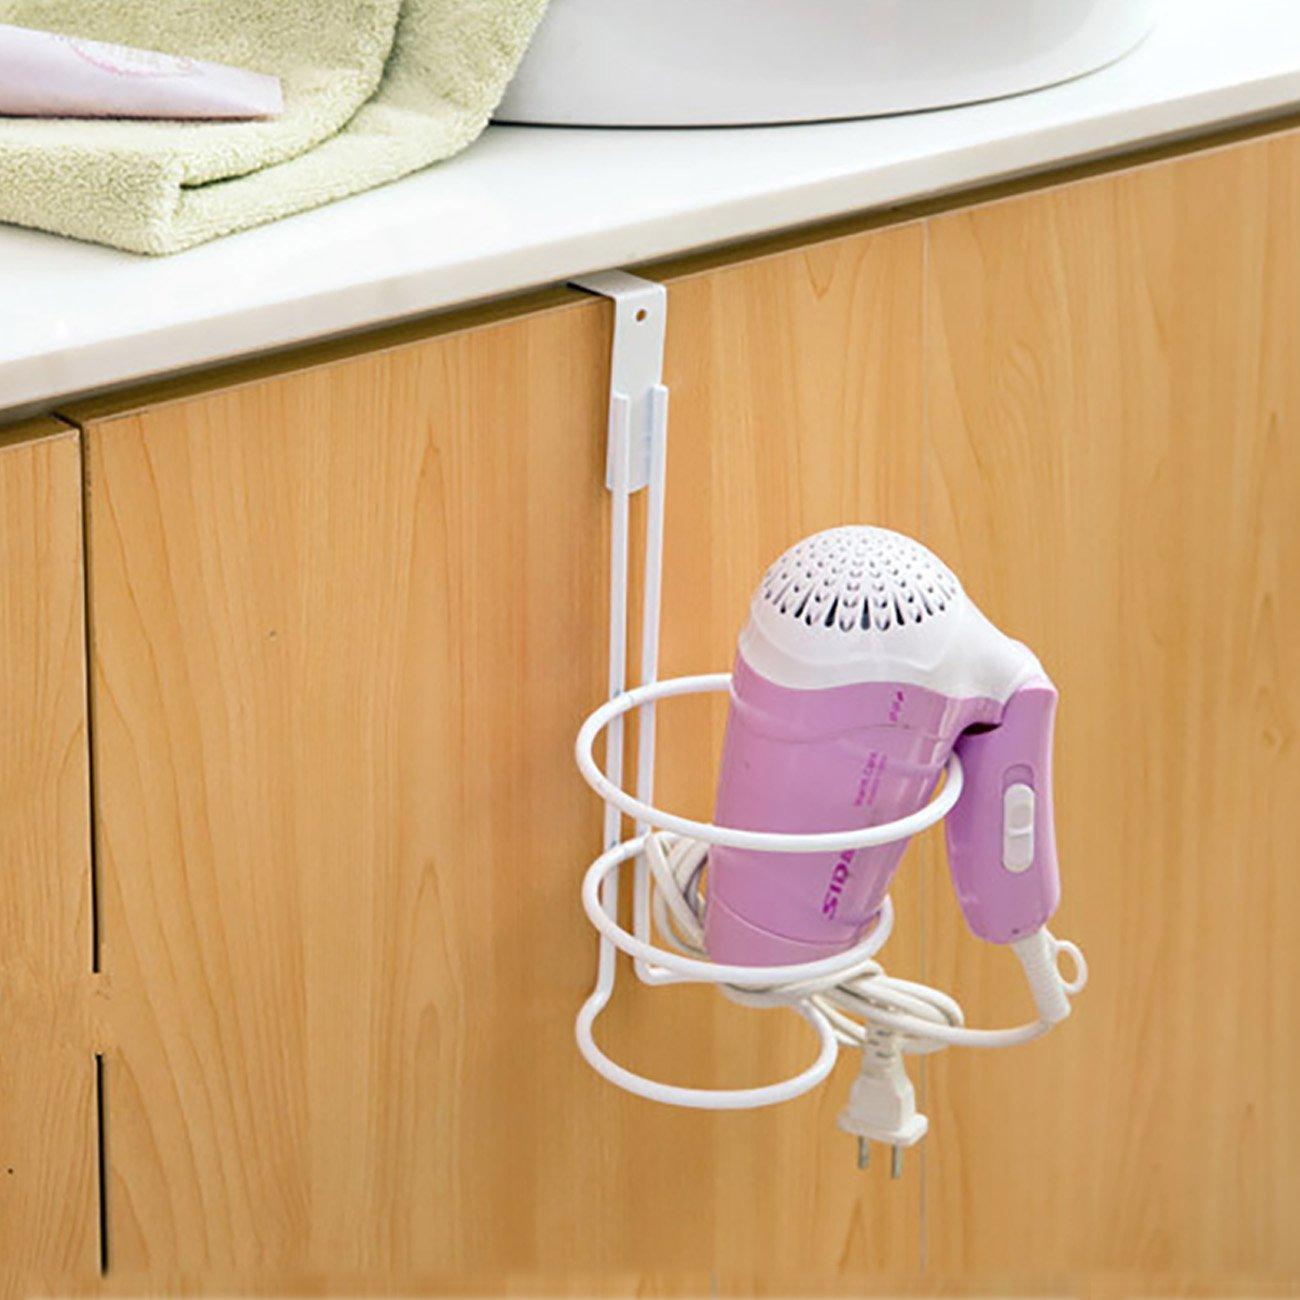 THEE Hair Dryer Holder Back Door Hang Organize